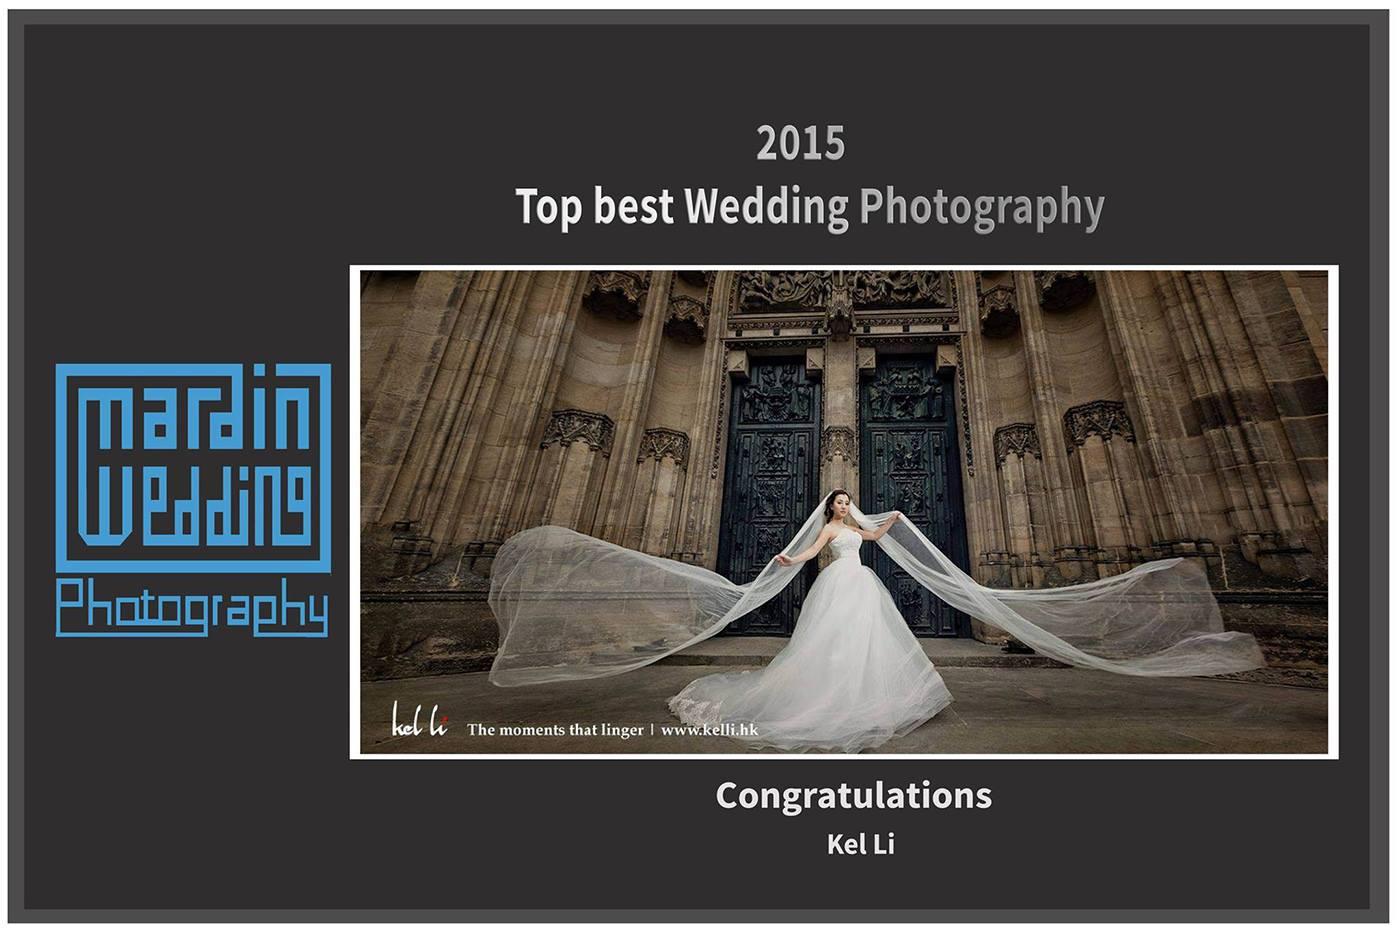 早前一幅在布拉格拍攝得獎的作品~2015 Best Wedding Photography 早前一幅在布拉格拍攝得獎的作品~2015 Best Wedding Photography